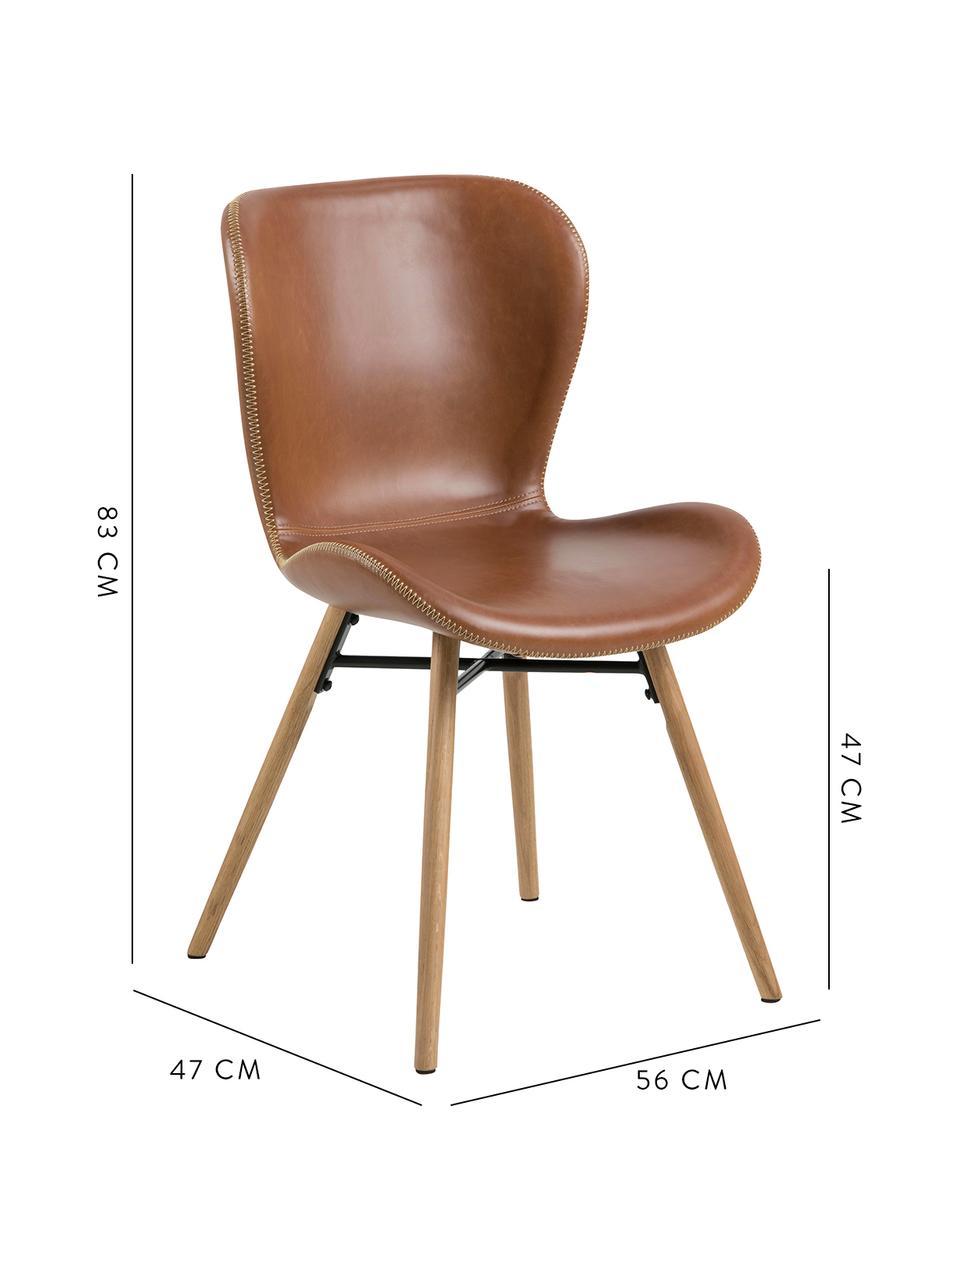 Krzesło tapicerowane ze sztucznej skóry Batilda, 2 szt., Tapicerka: sztuczna skóra (poliureta, Nogi: drewno dębowe, olejowane, Koniakowy, drewno dębowe, S 56 x G 47 cm